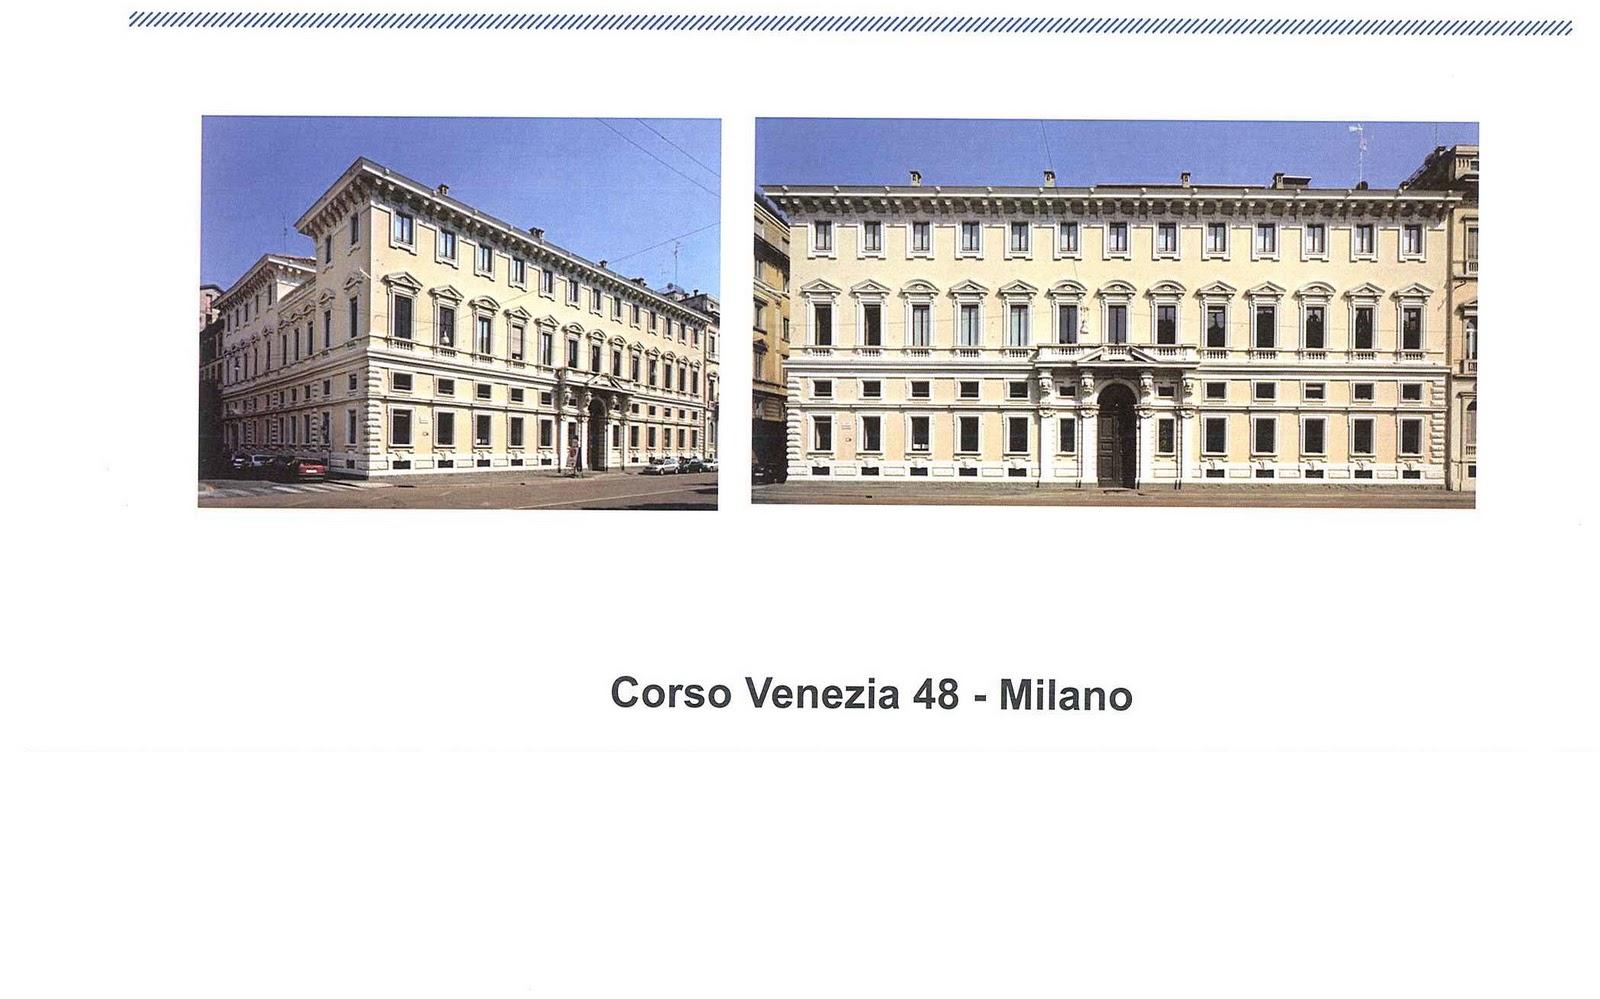 Agenzia omniapress a palazzo bocconi la nuova sede del for Sede bocconi milano